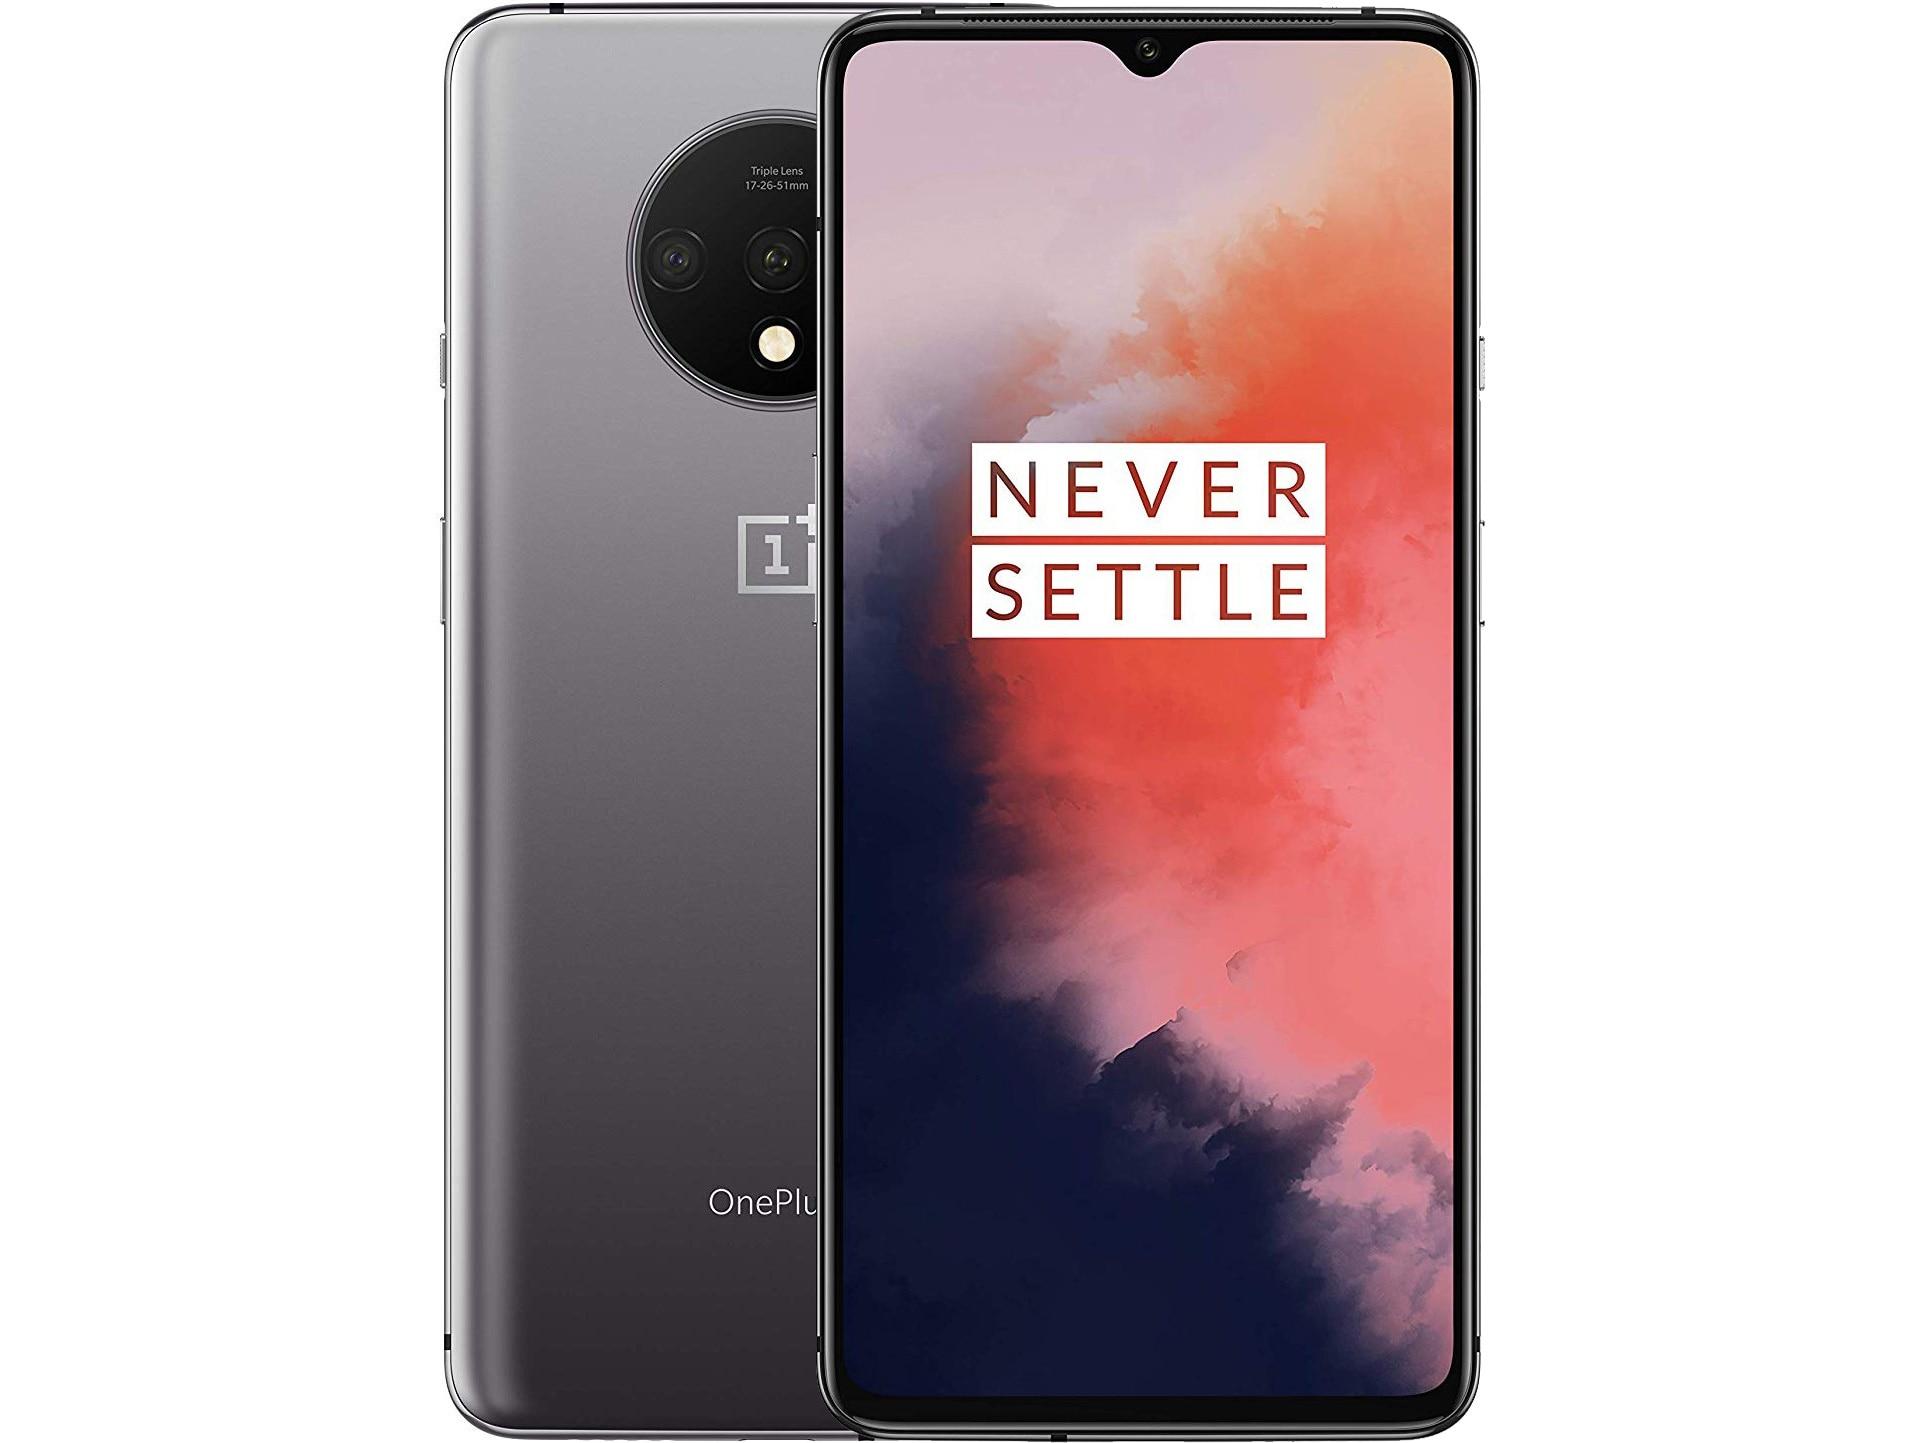 Оригинальный новый смартфон OnePlus 7 T 7 T, 8 ГБ, 128 ГБ, Восьмиядерный процессор Snapdragon 855 Plus, тройная камера 48 МП, экран AMOLED 6,55 дюйма, NFC телефон